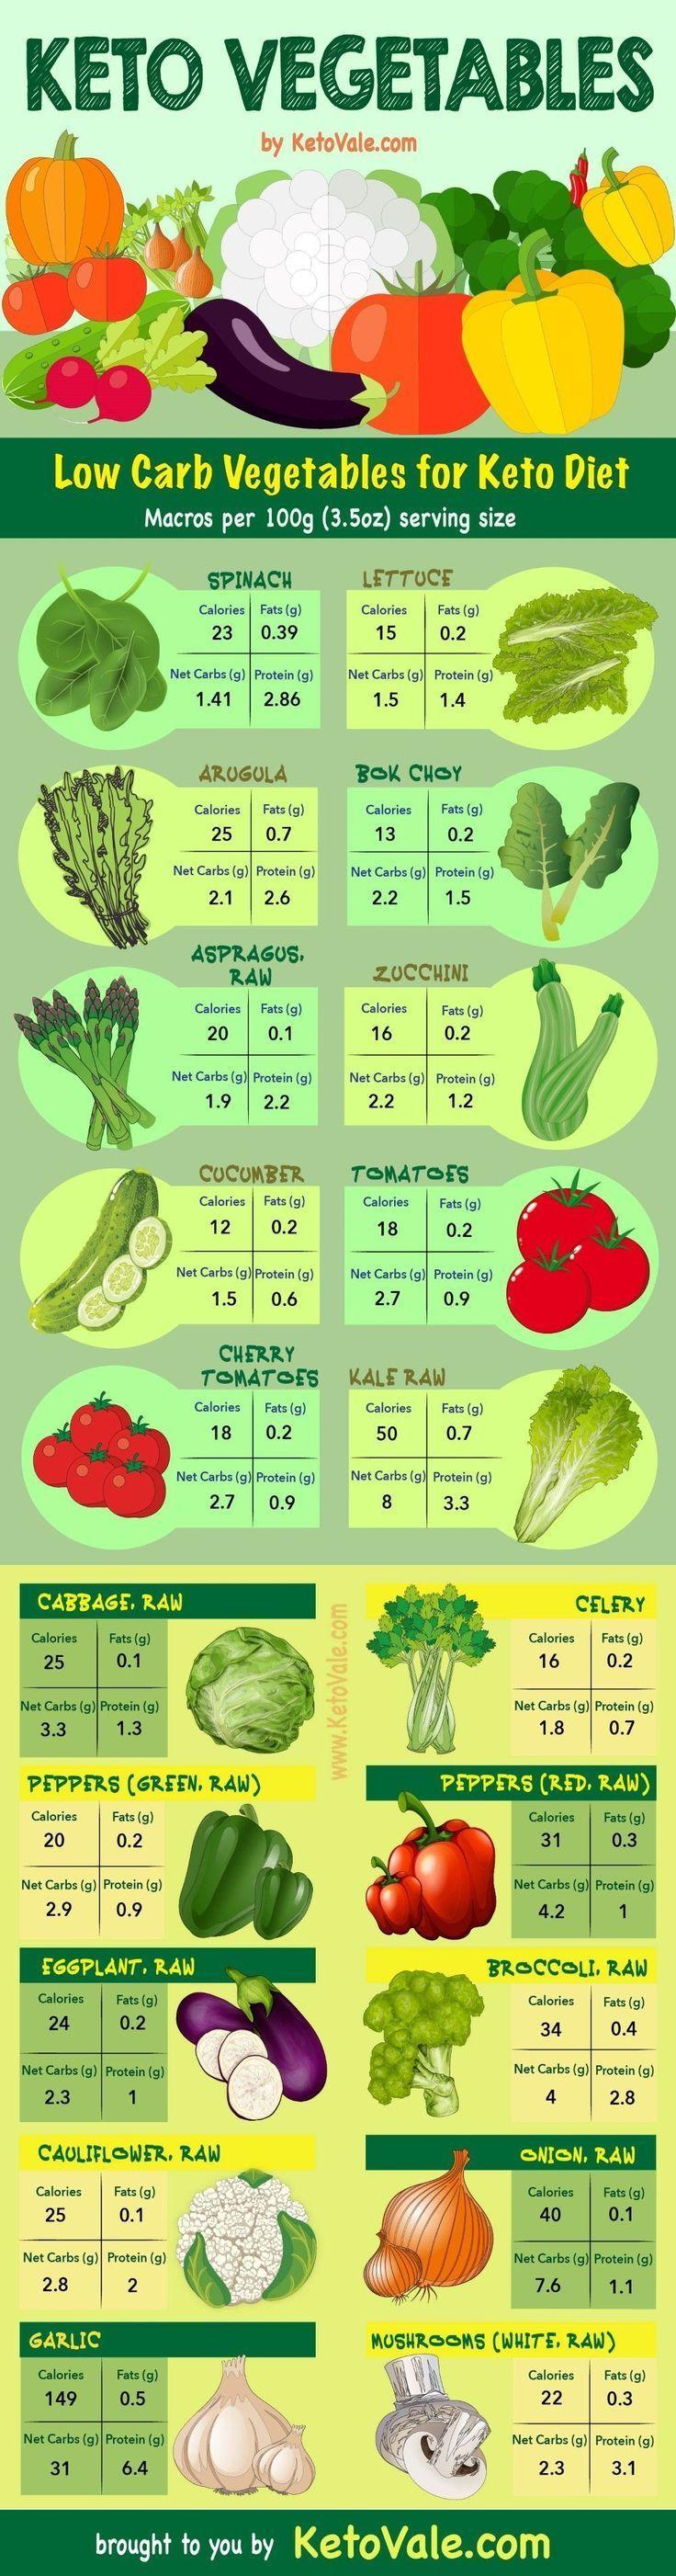 mejores verduras para dieta cetogenica